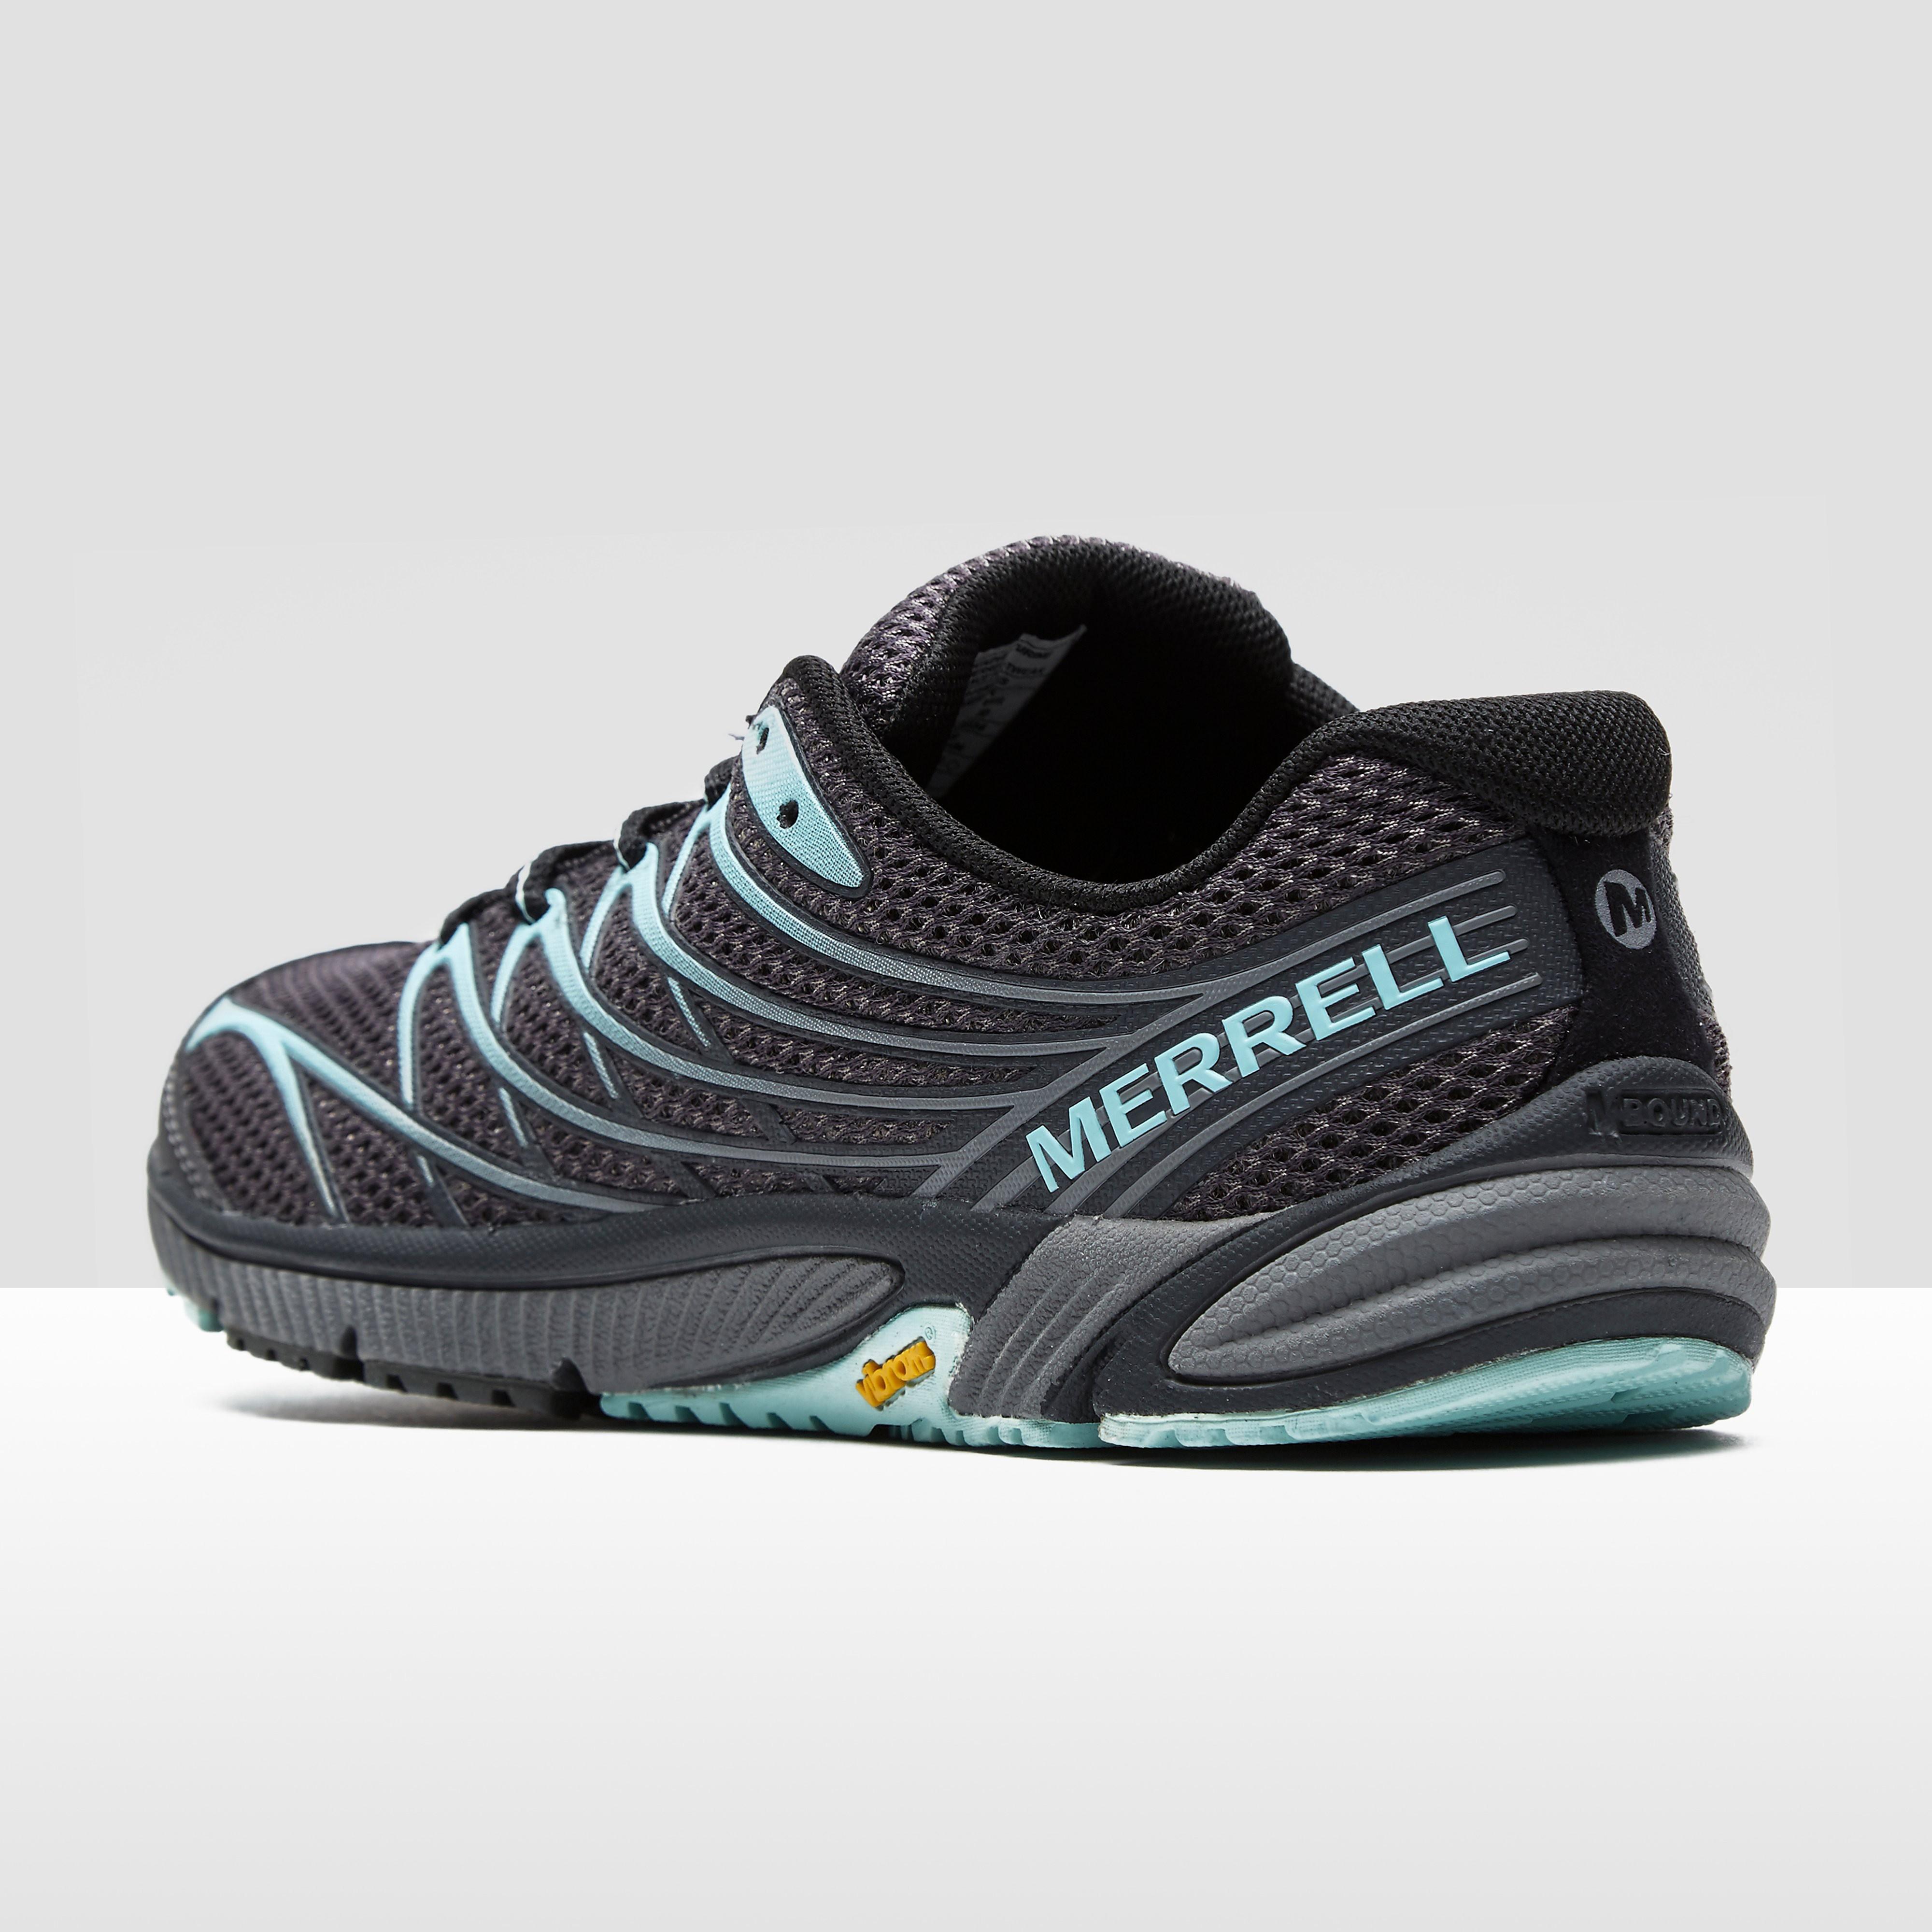 Merrell Bare Access Arc 4 Women's Running Shoes